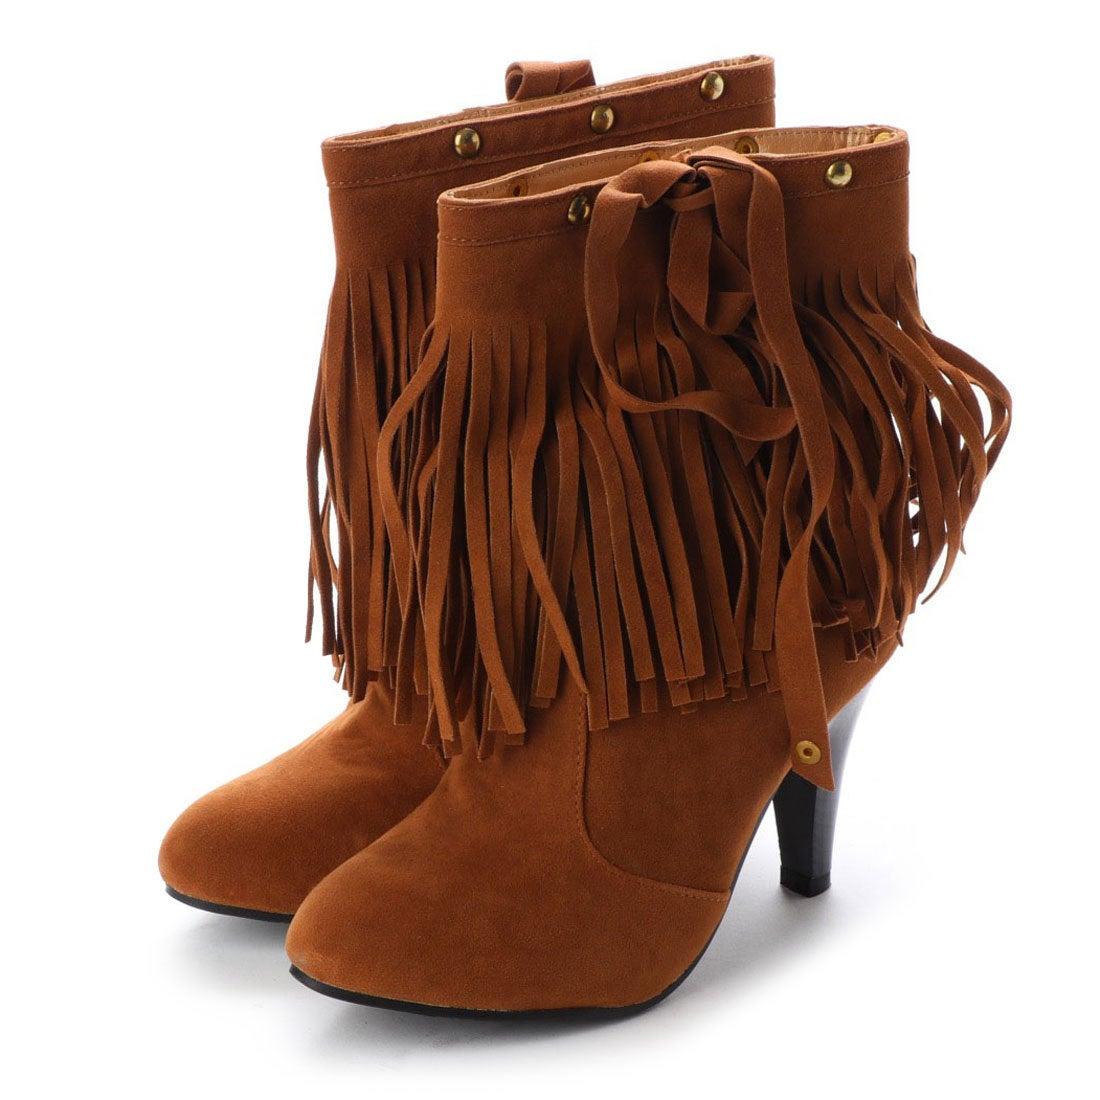 ロコンド 靴とファッションの通販サイトスタイルブロック STYLEBLOCK ウエスタンフリンジショートブーツ (キャメル)